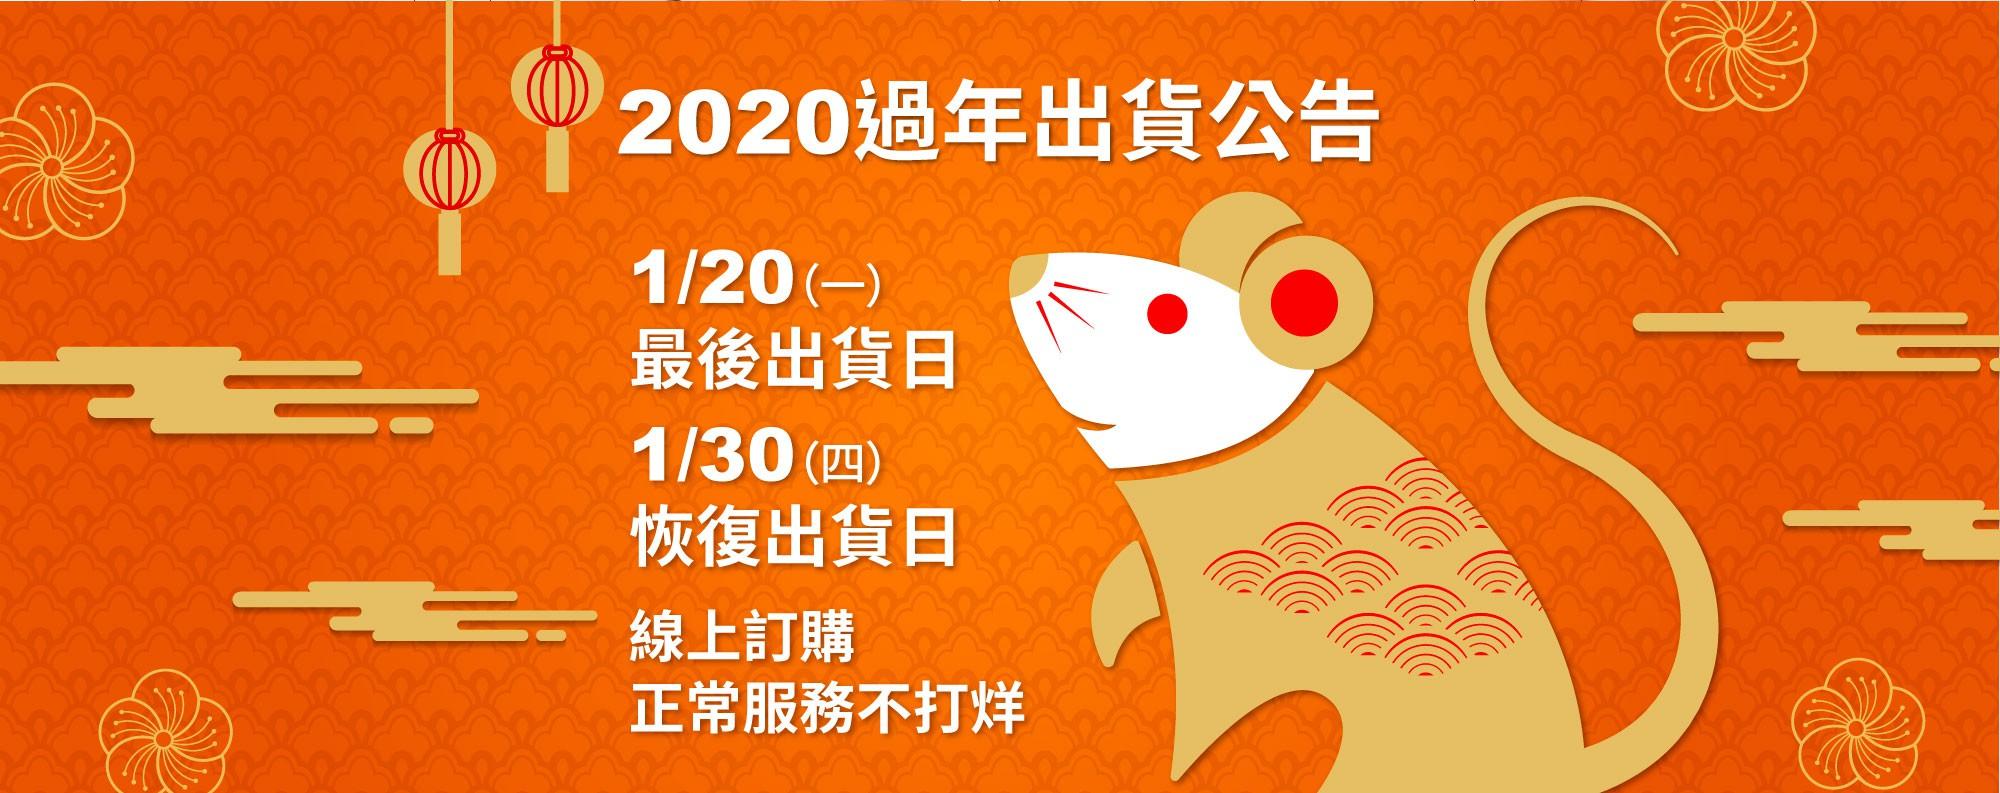 2020年出貨公告